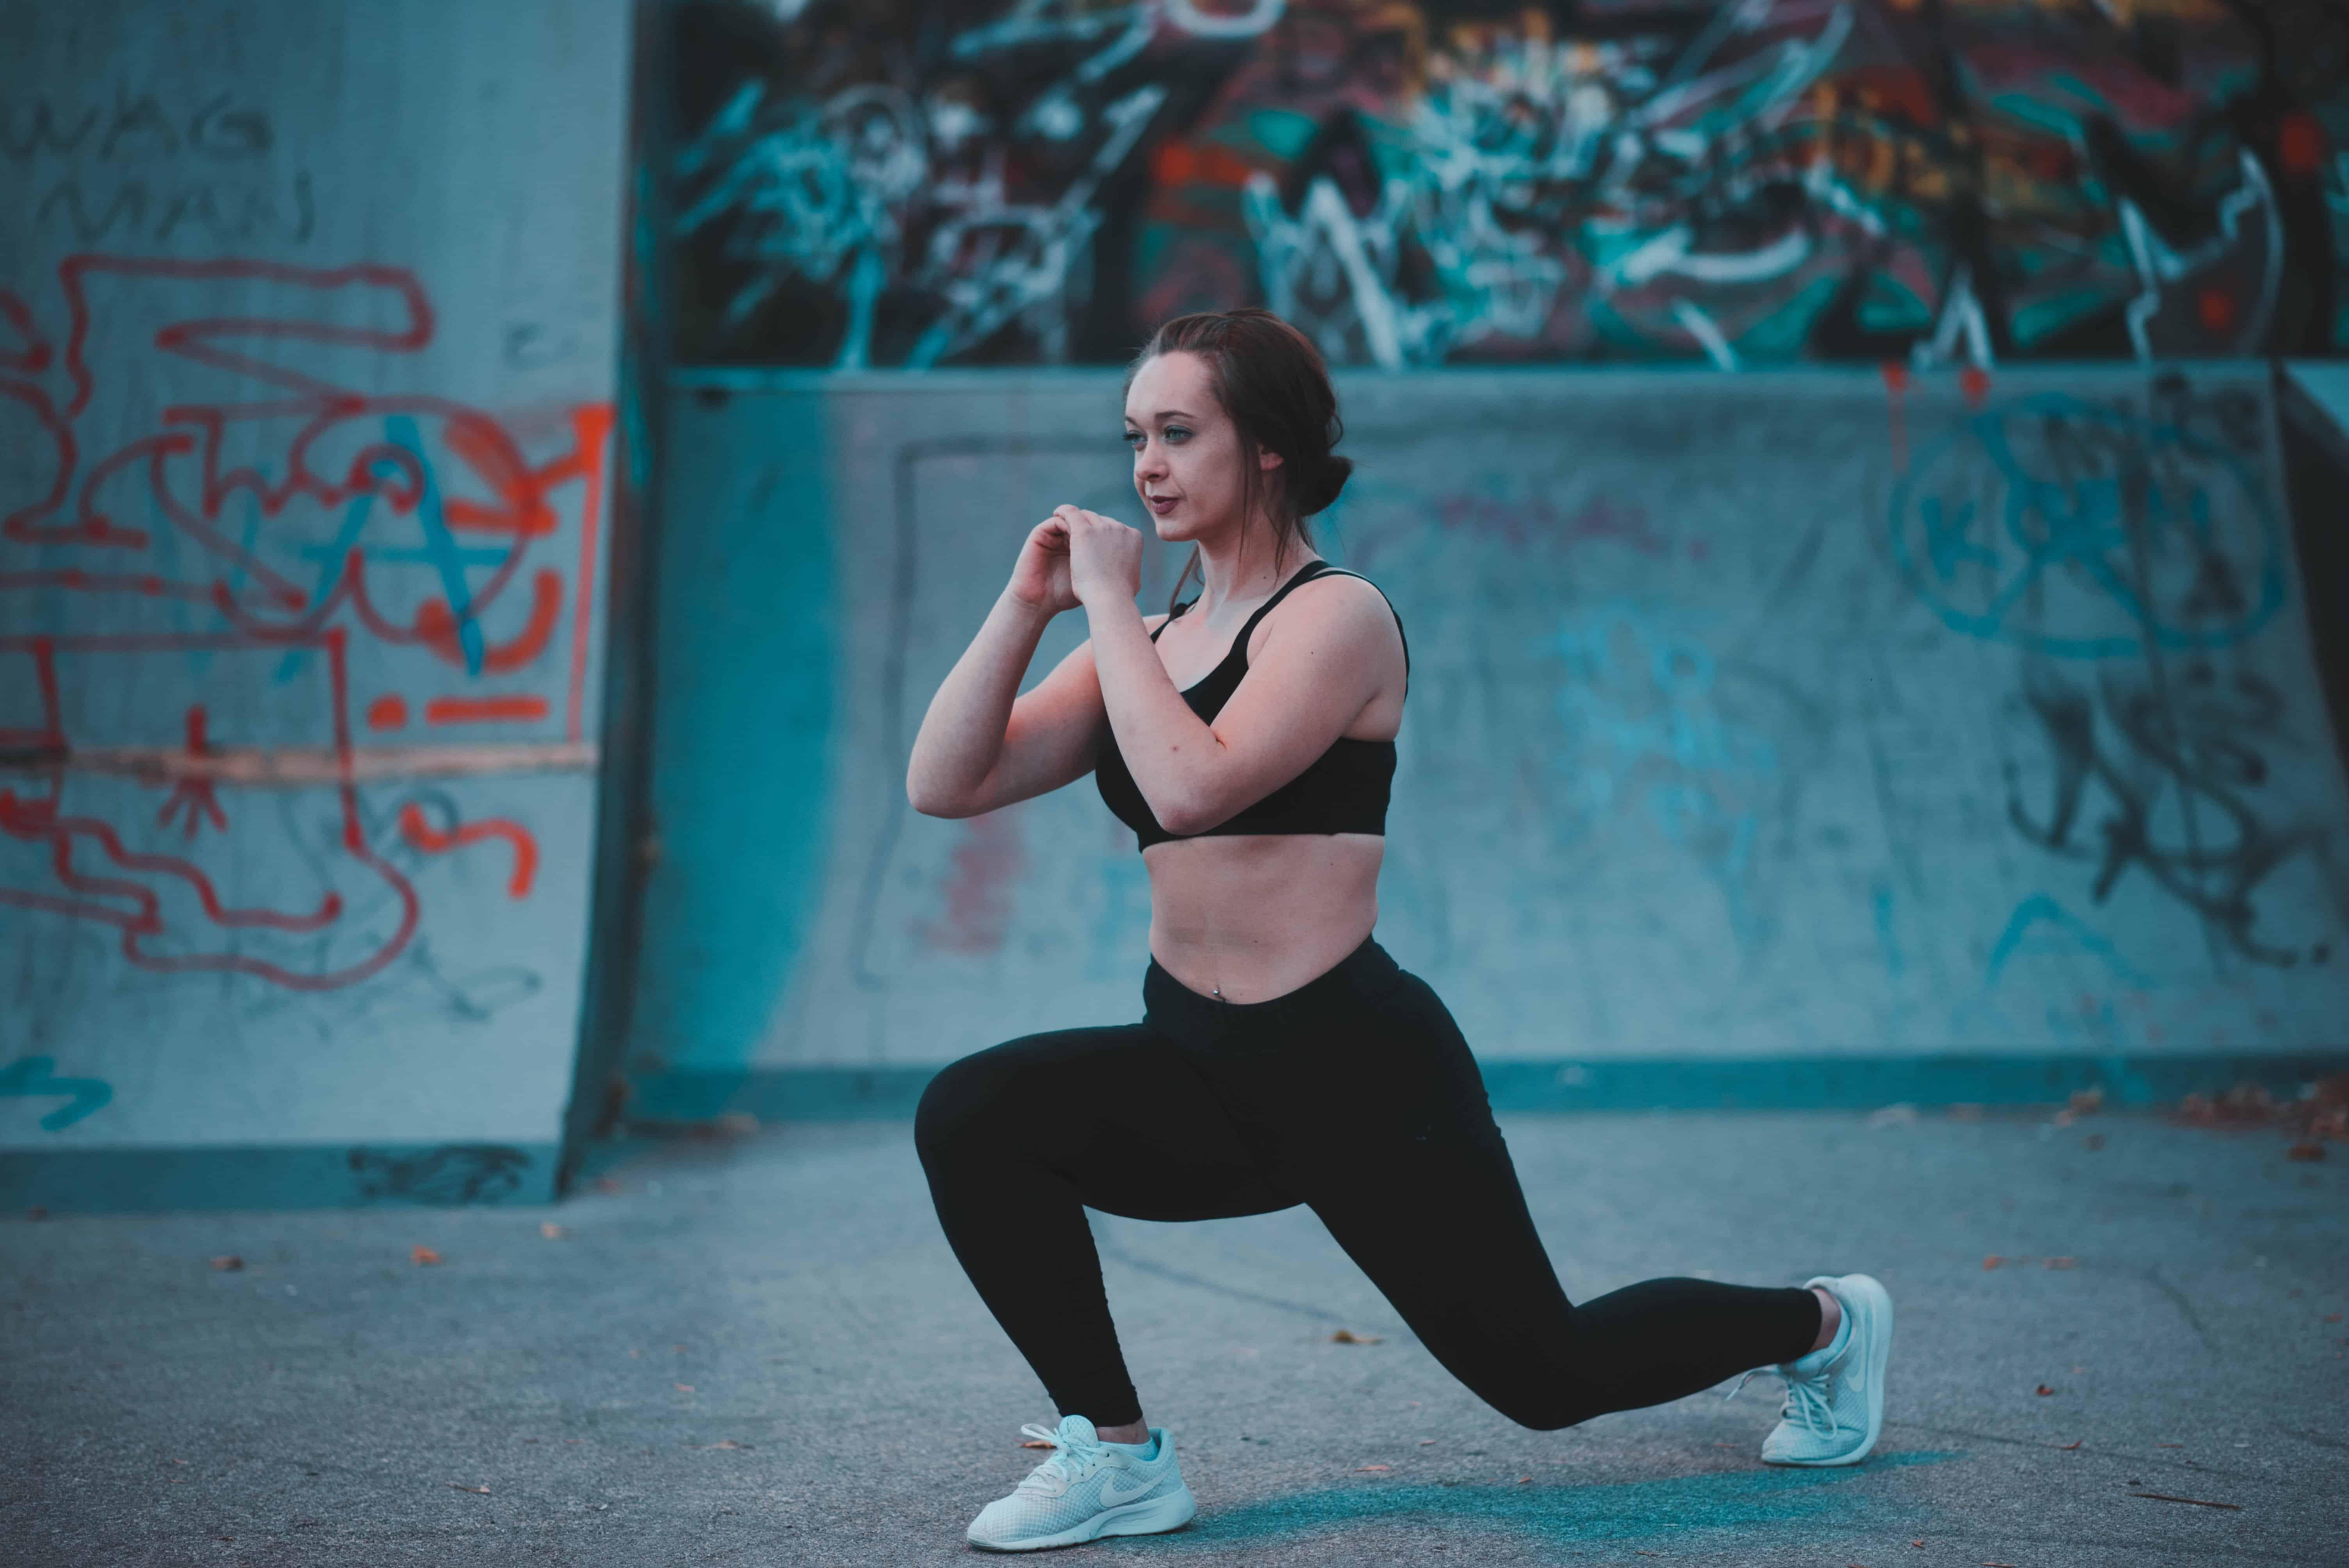 """Foto de uma mulher de legging preta e top preto, praticando o exercício """"afundo"""", próximo a uma parede grafitada."""